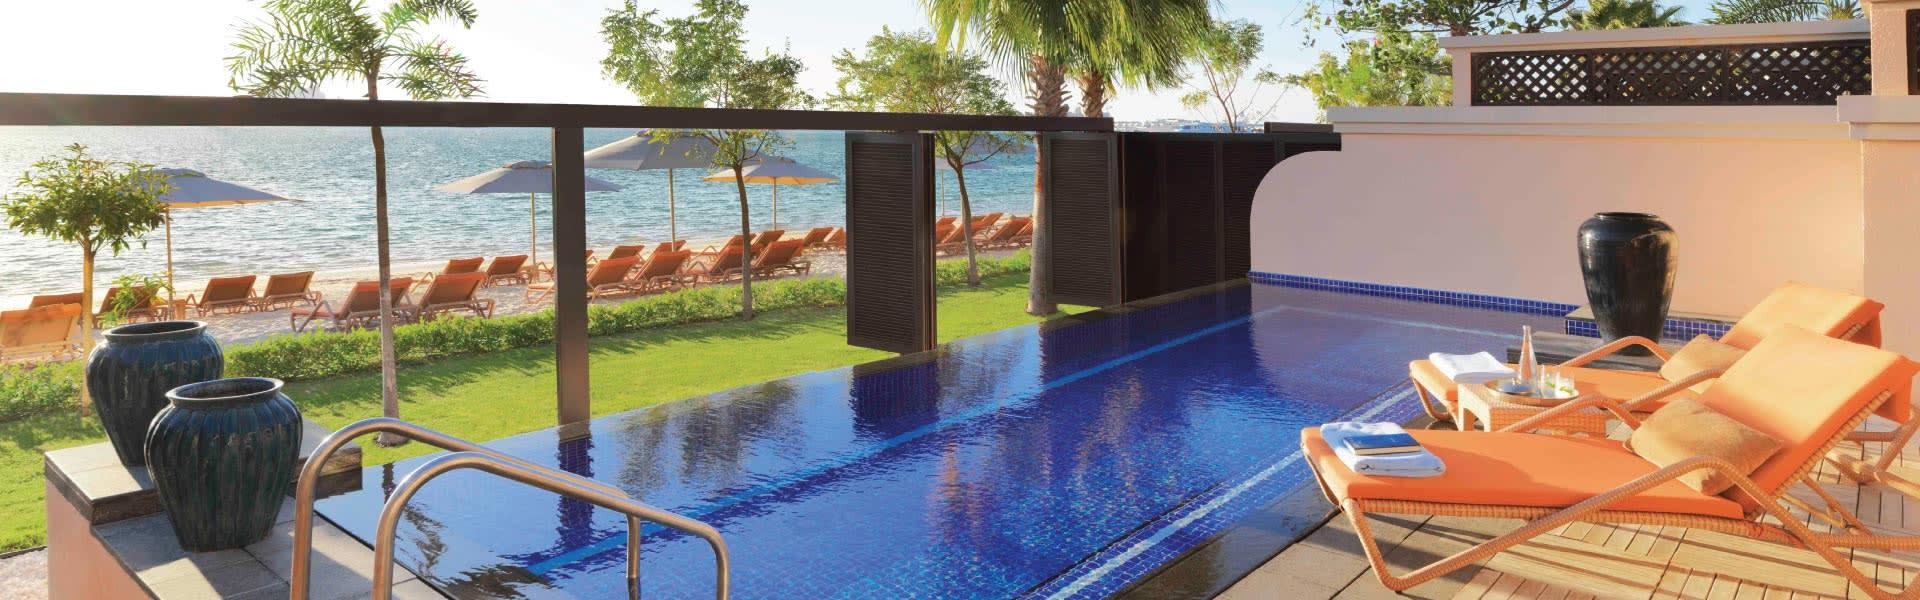 Dubai Beach Villas Beach Pool Villa Anantara The Palm